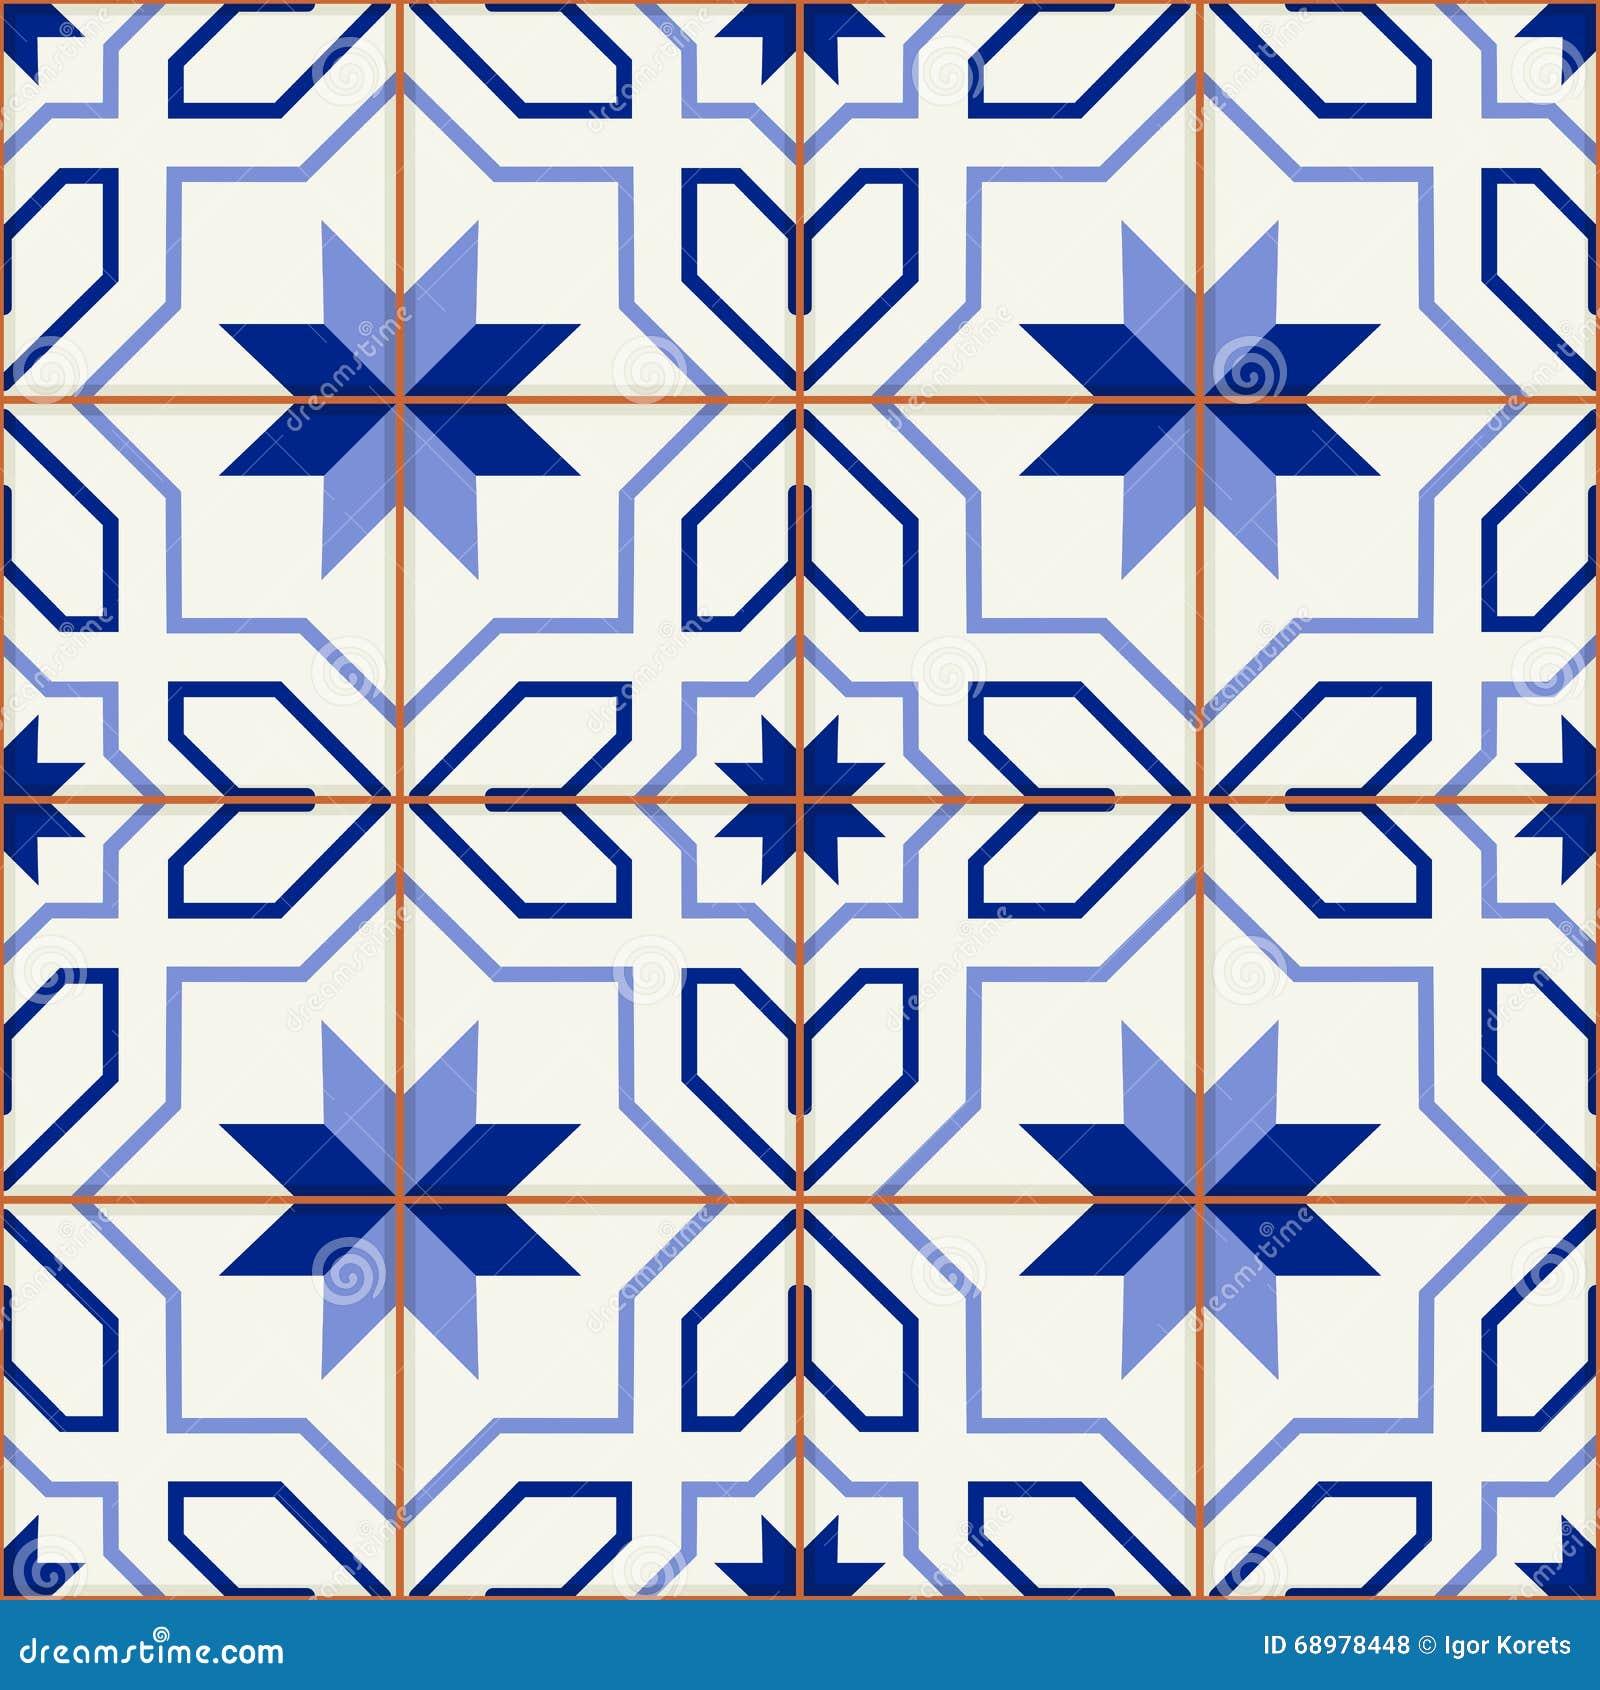 Πανέμορφα άνευ ραφής άσπρα τουρκικά, μαροκινά, πορτογαλικά κεραμίδια σχεδίων, Azulejo, αραβική διακόσμηση τέχνη ισλαμική